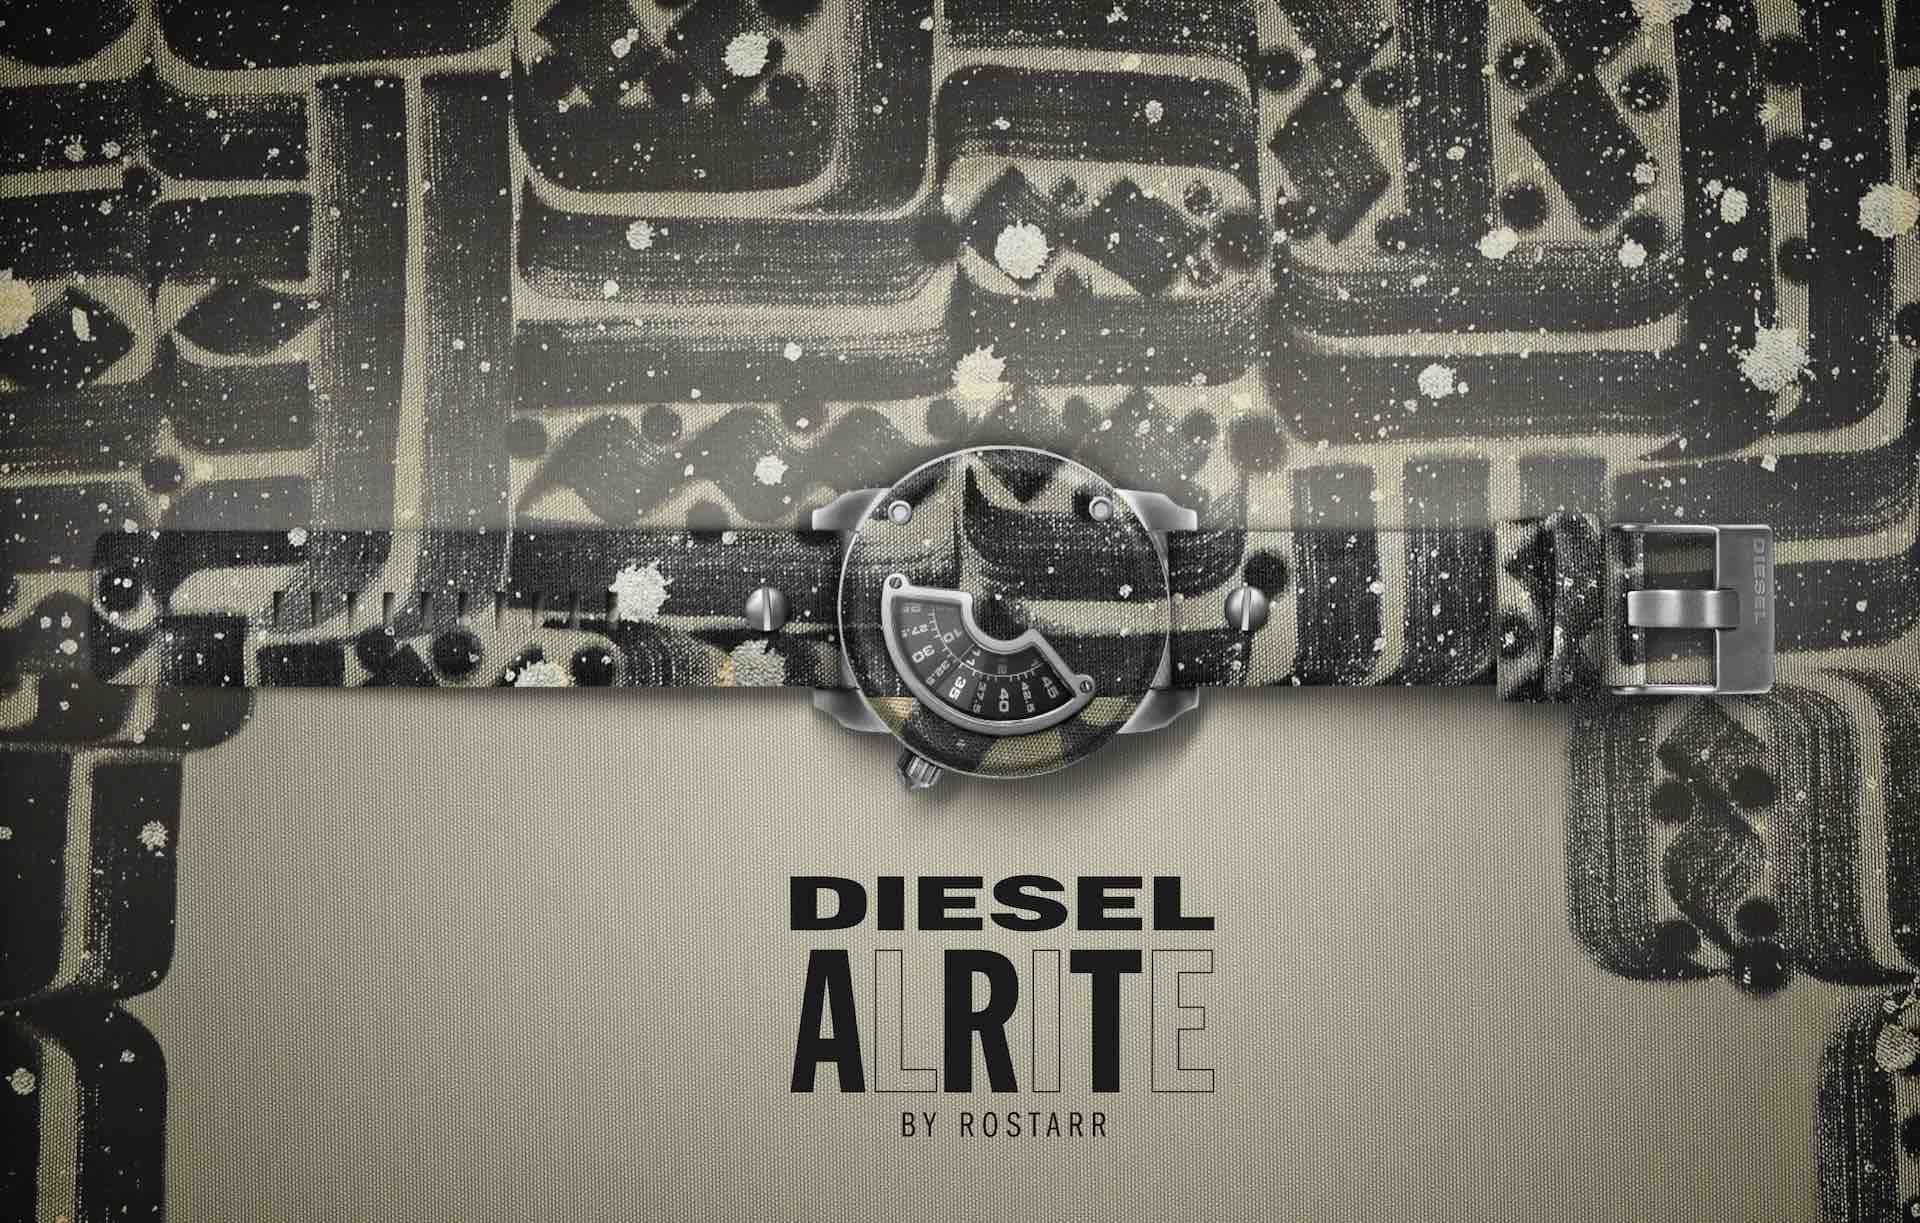 diesel_alrite_h